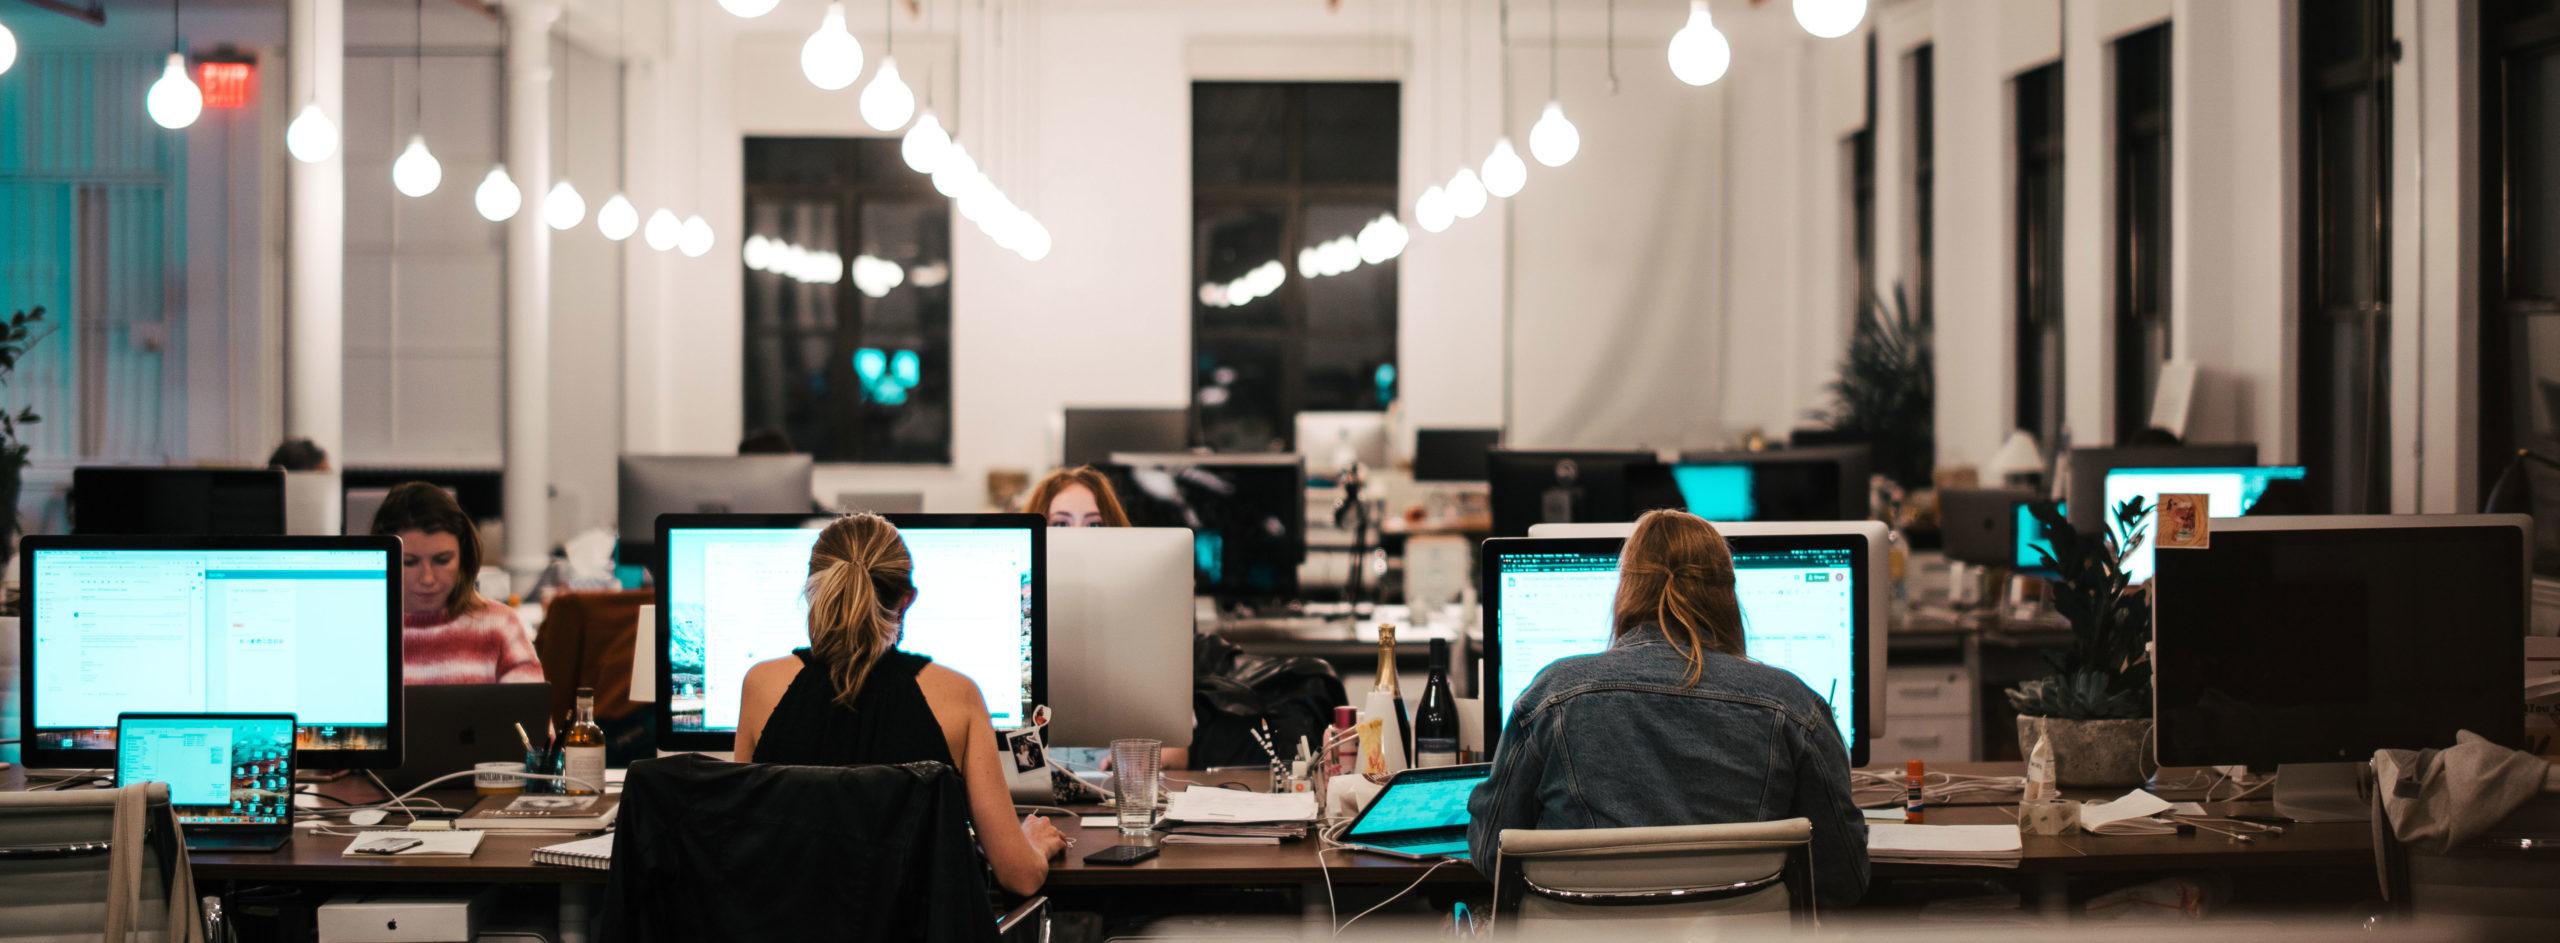 TrustMaker habla sobre la gestión de la confianza en un webinar junto a Corporate Excellence